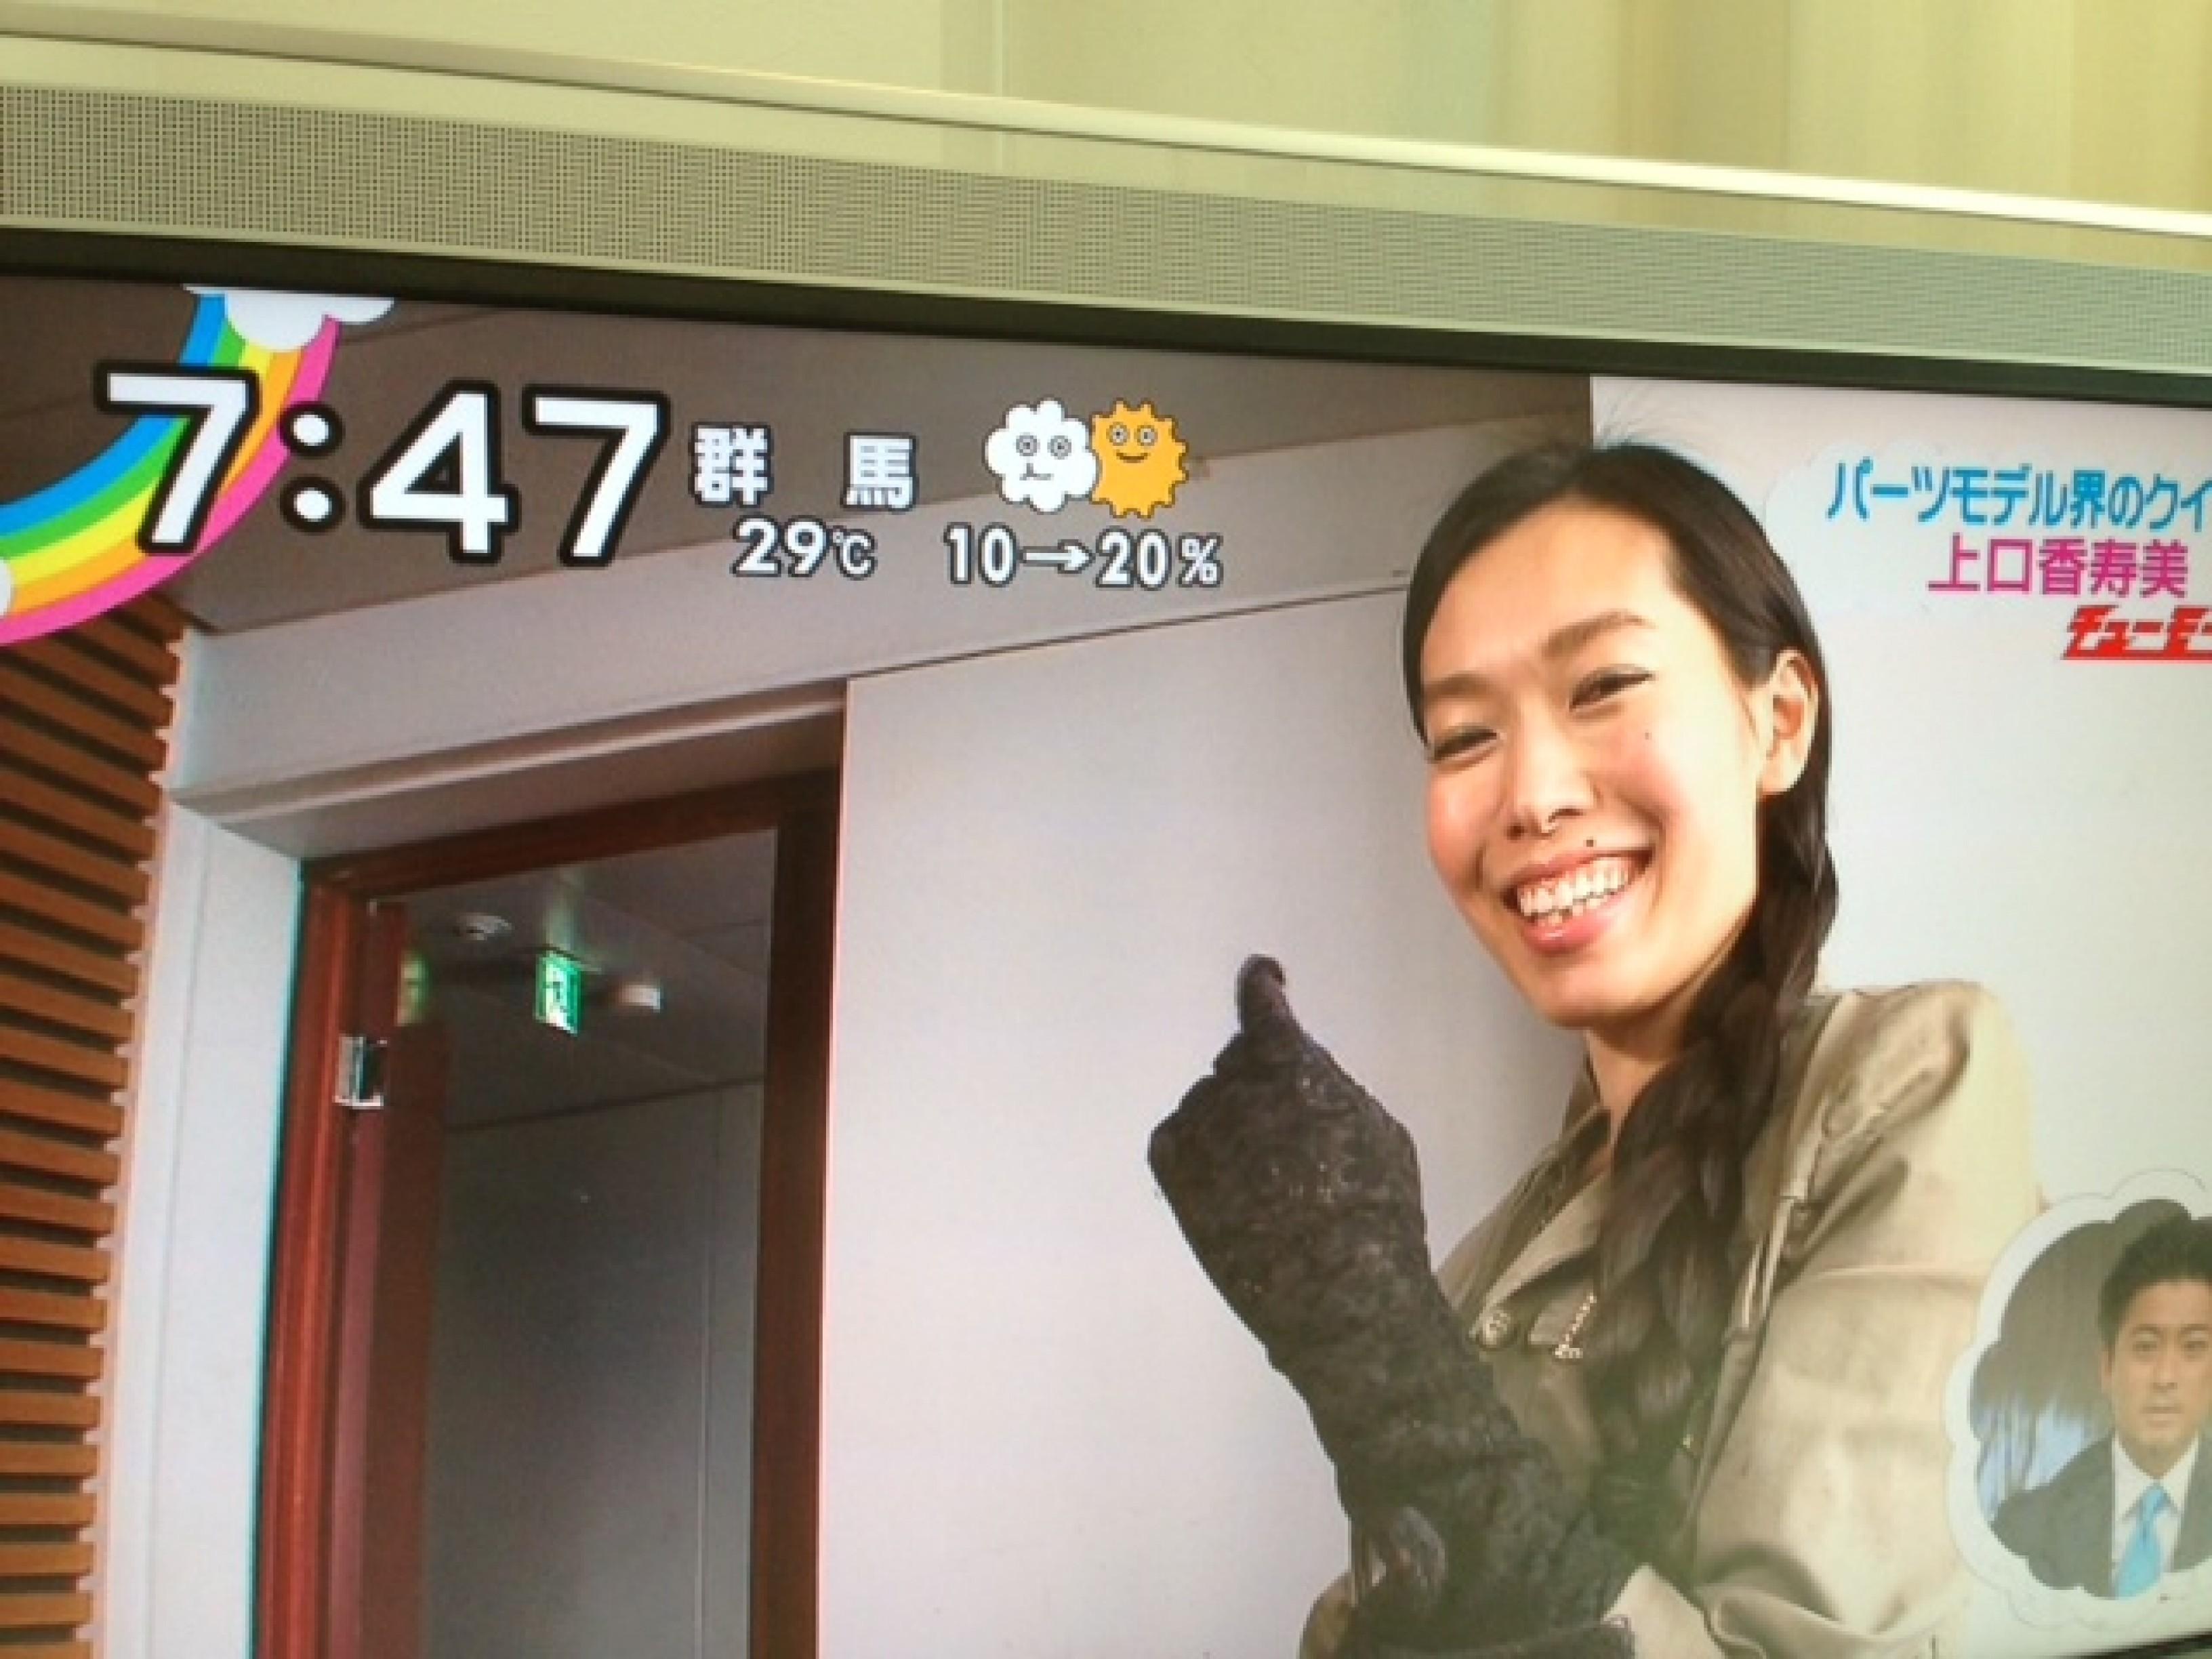 moblog_da96a41e.jpg